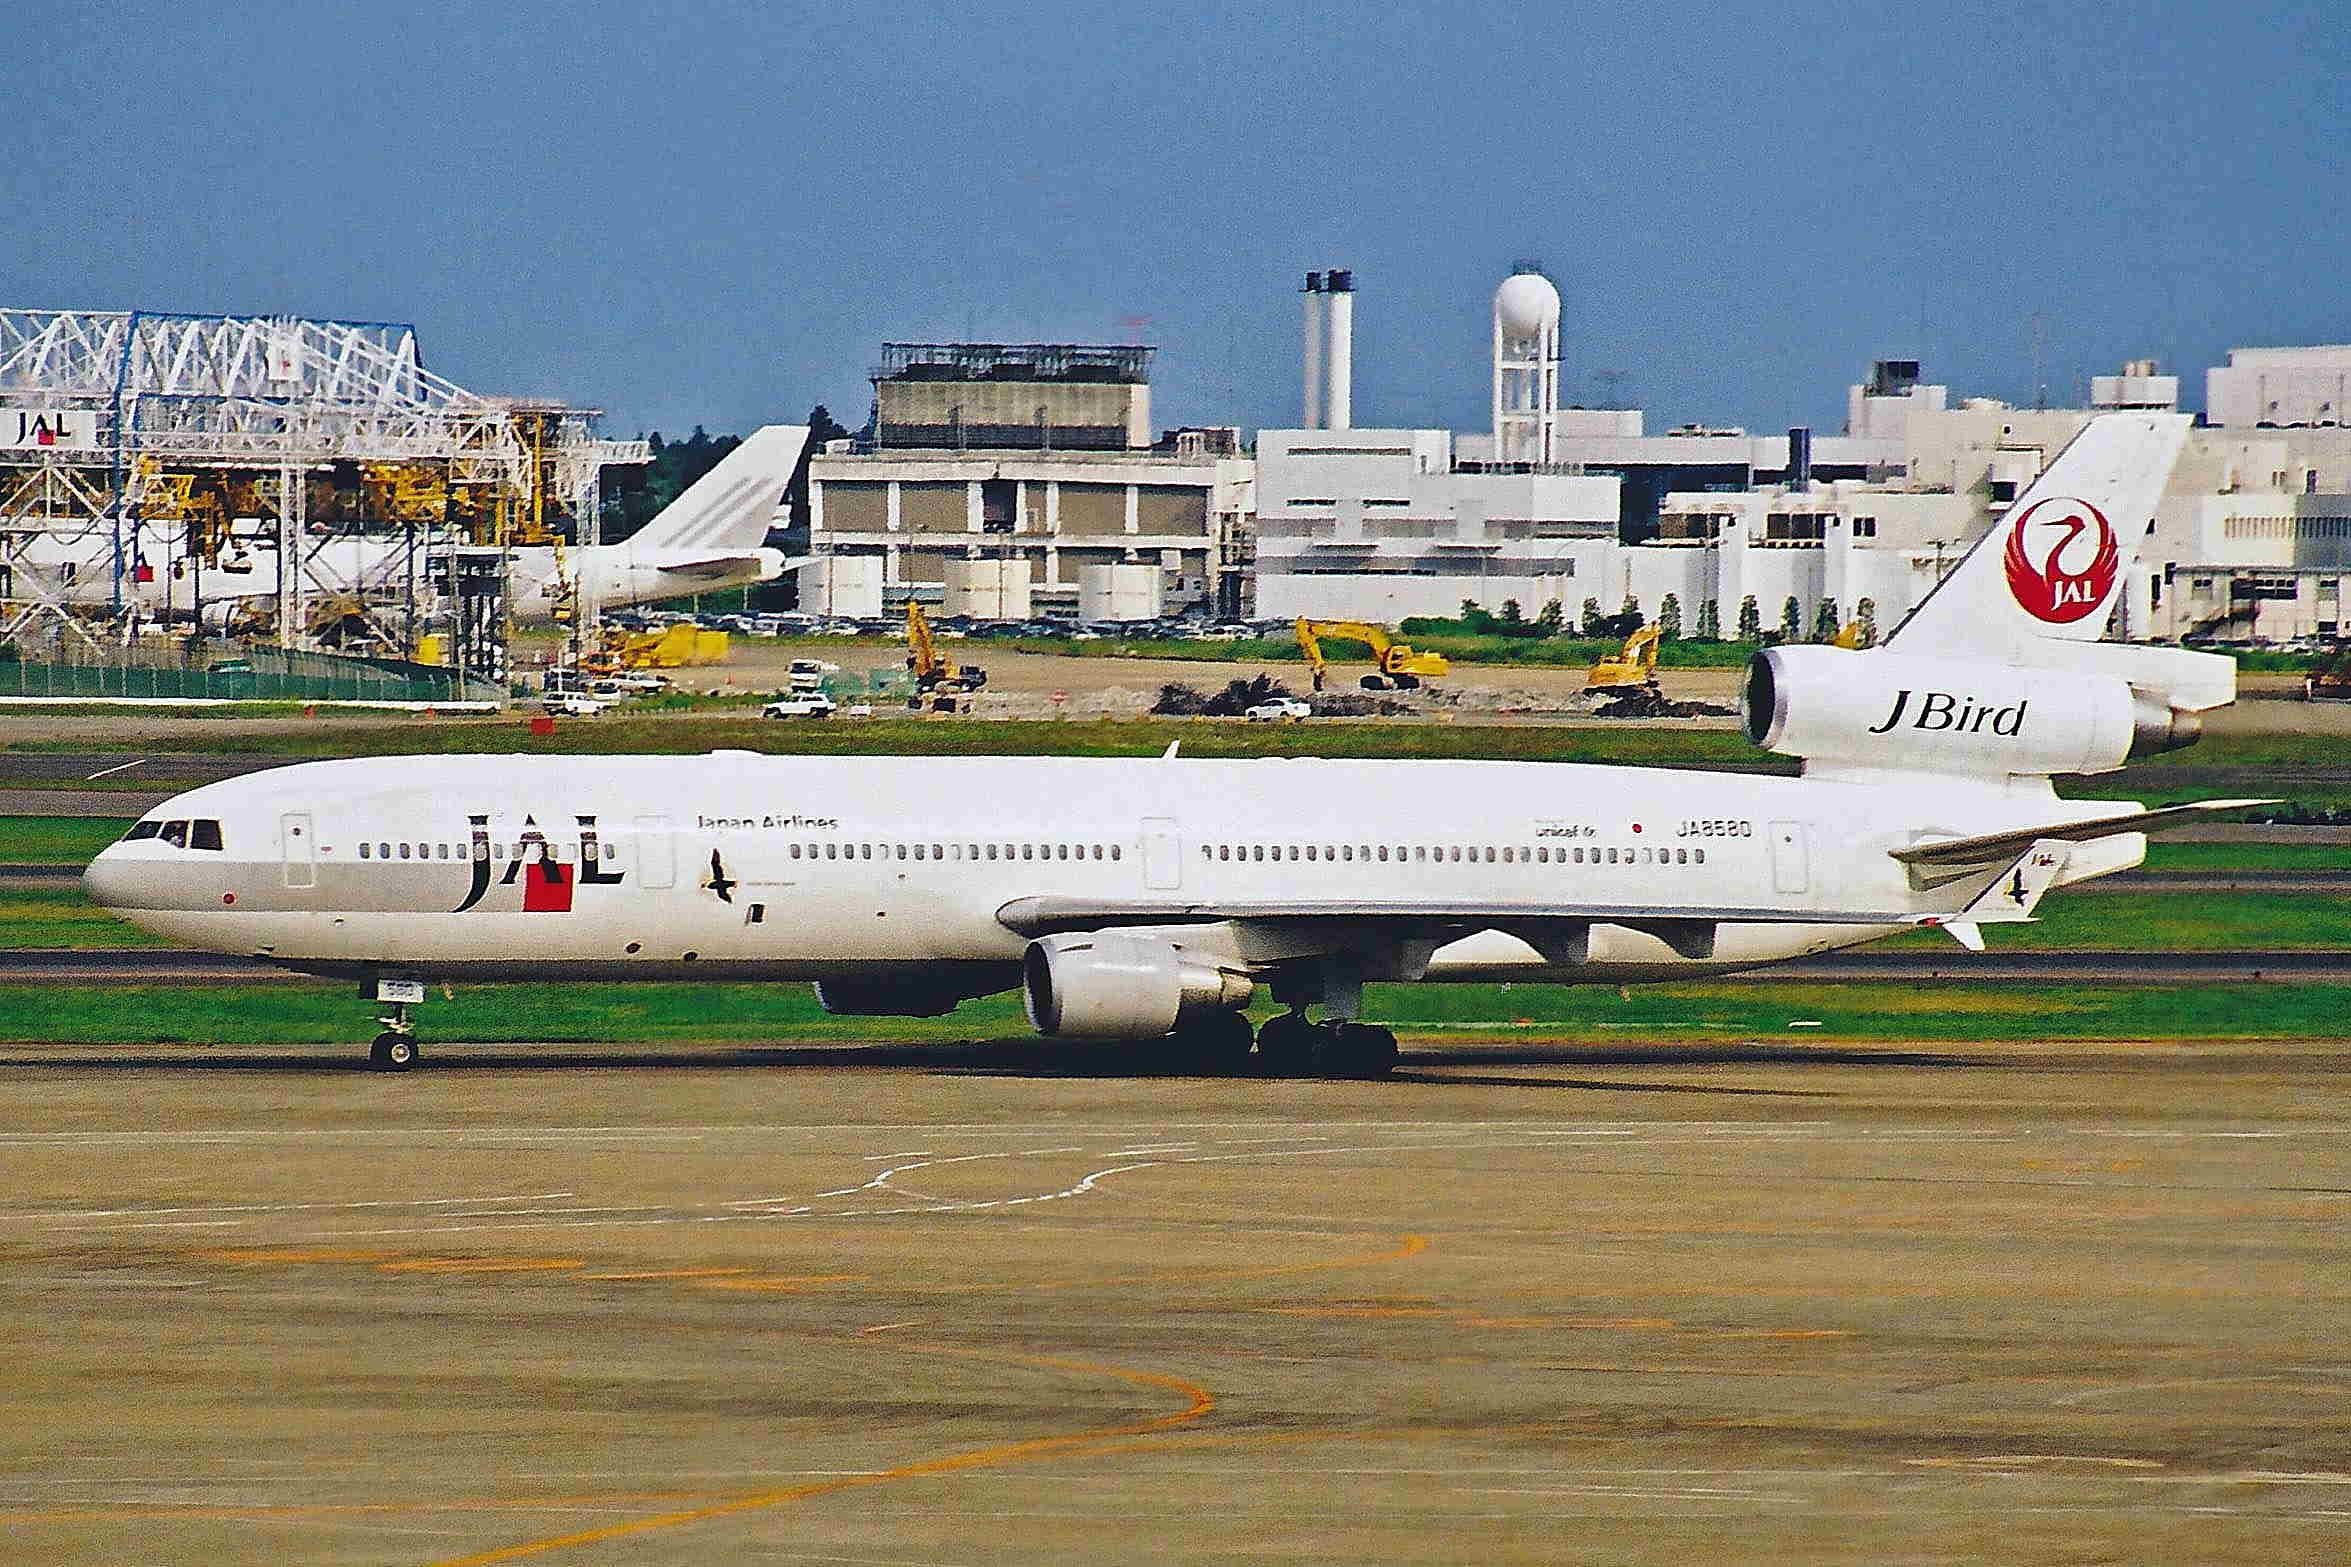 アメリカン航空331便着陸失敗事故